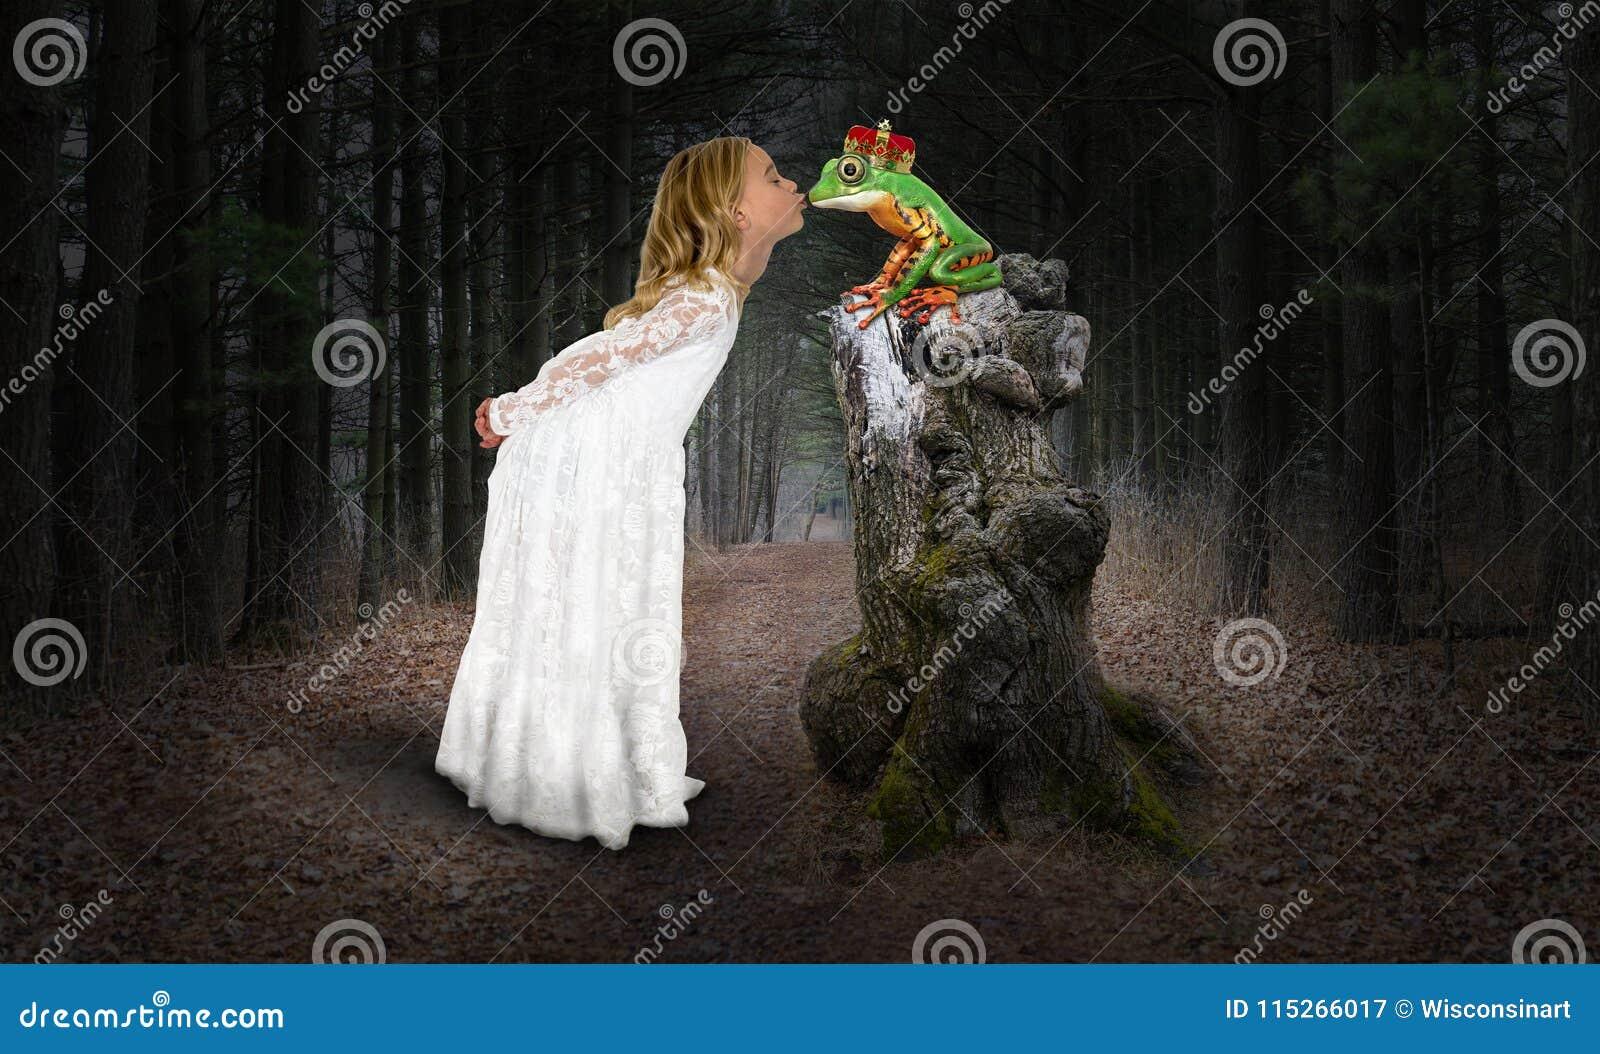 Muchacha, princesa, beso, besando la rana, fantasía